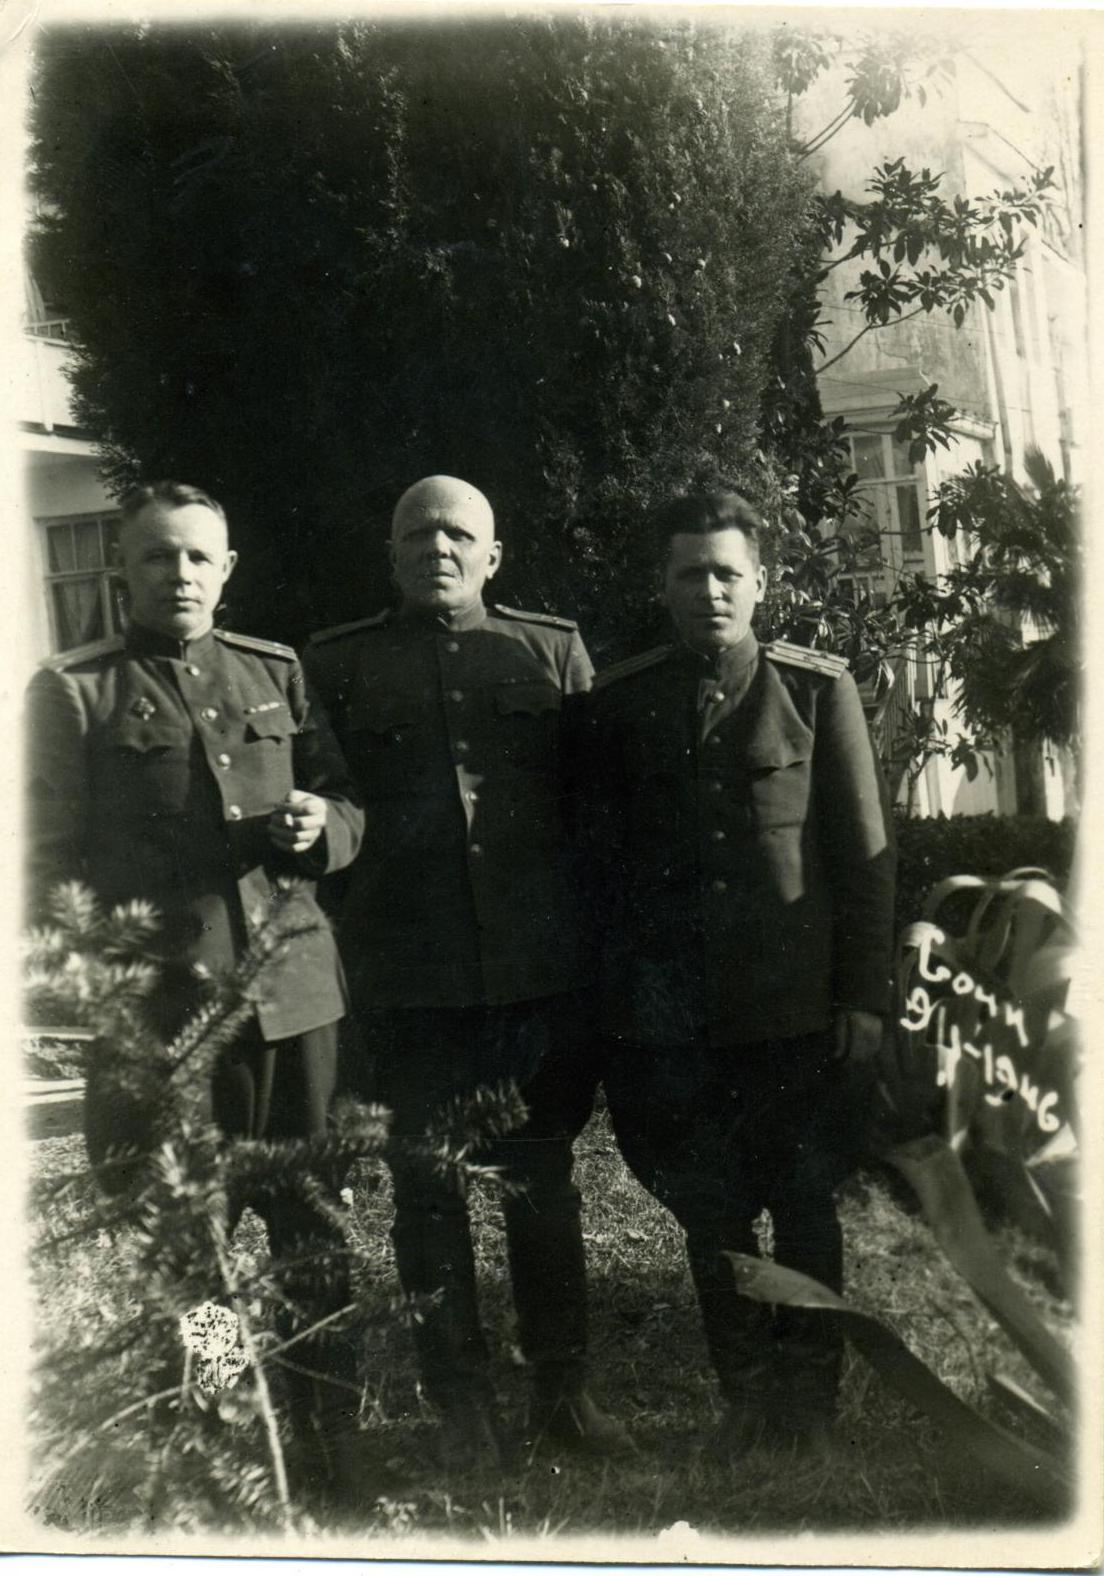 1946. Полковник Шевченко (1-й справа) с коллегами-чекистами на отдыхе.  Сочи